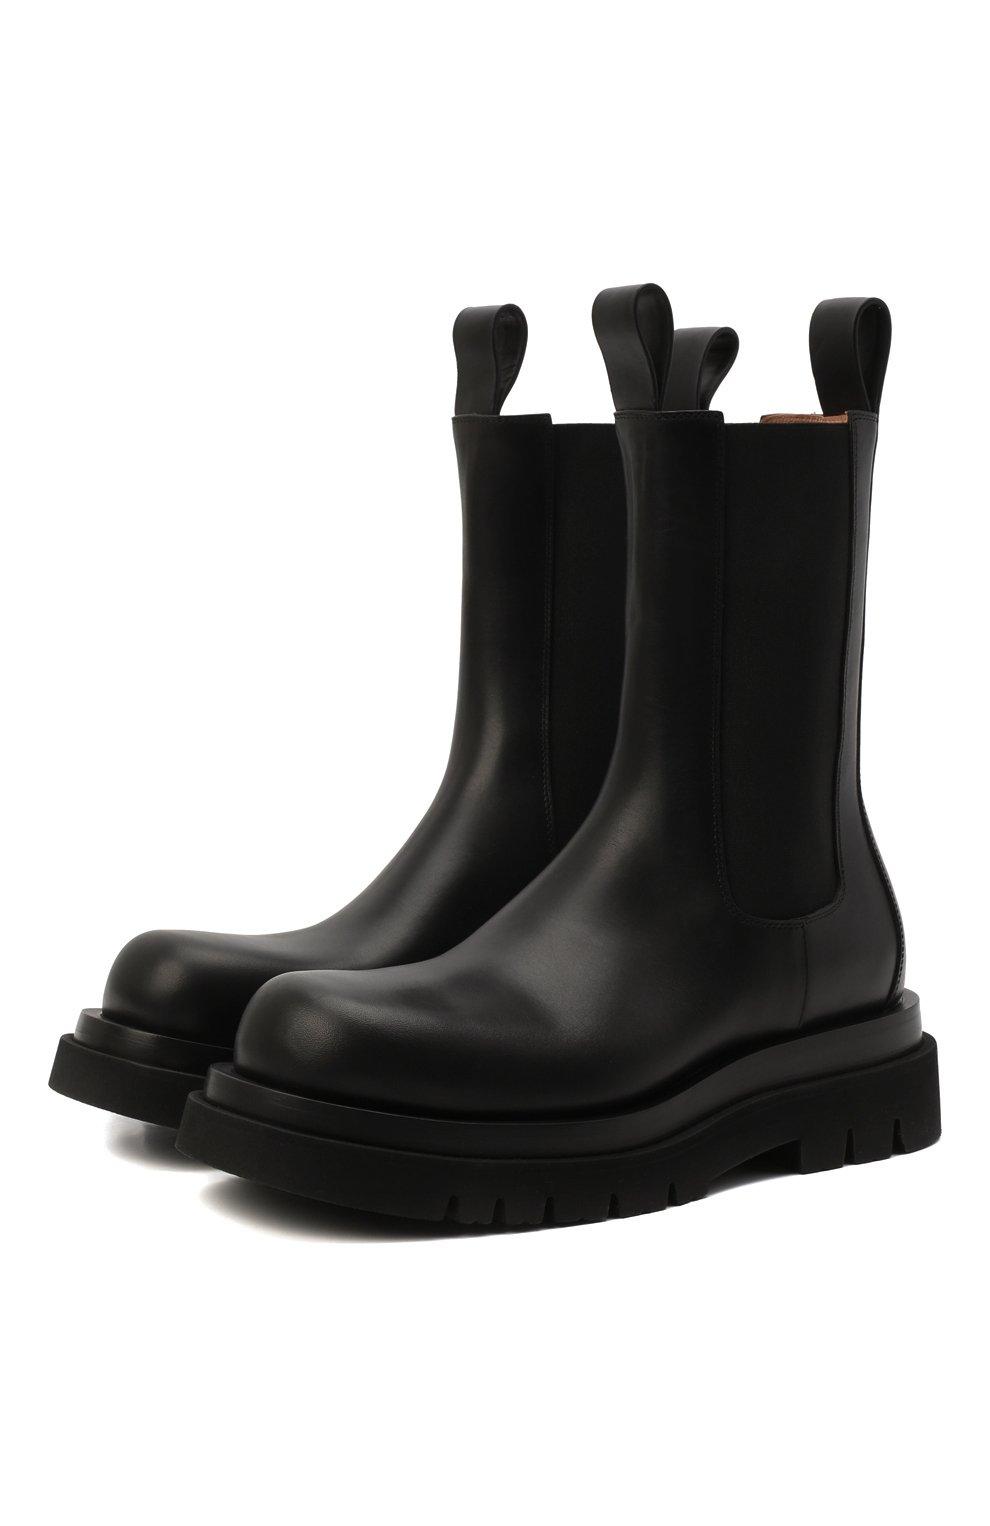 Мужские кожаные челси lug BOTTEGA VENETA черного цвета, арт. 592081/VIFH0 | Фото 1 (Каблук высота: Высокий; Высота голенища: Высокие; Материал внутренний: Натуральная кожа; Подошва: Массивная; Мужское Кросс-КТ: Сапоги-обувь, Челси-обувь; Статус проверки: Проверена категория)